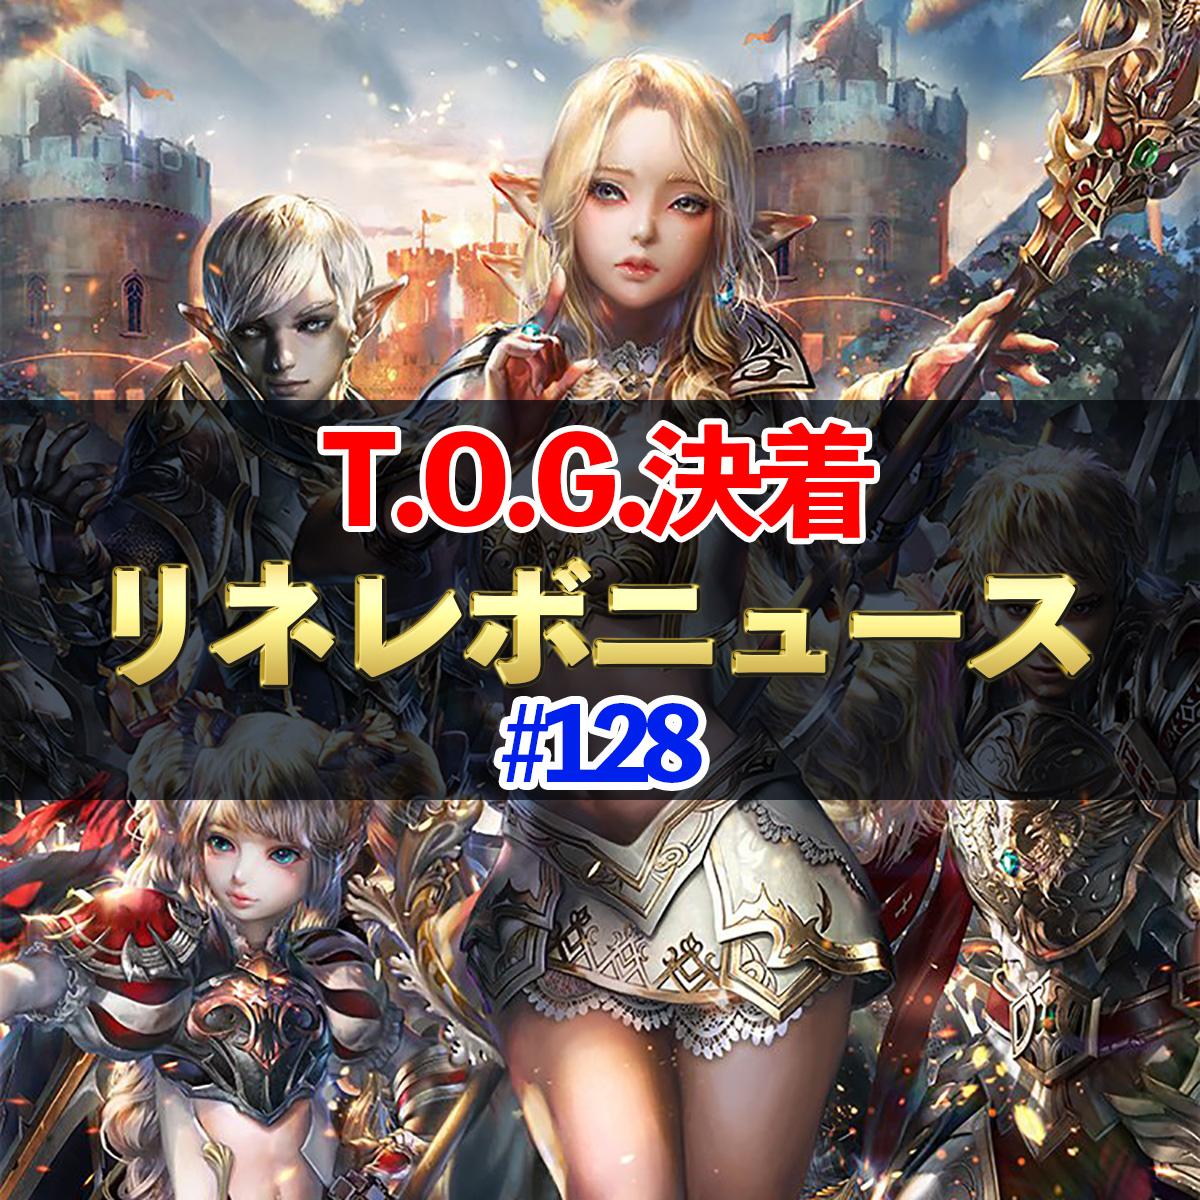 【リネレボ】T.O.G.決着!  リネレボニュース#128